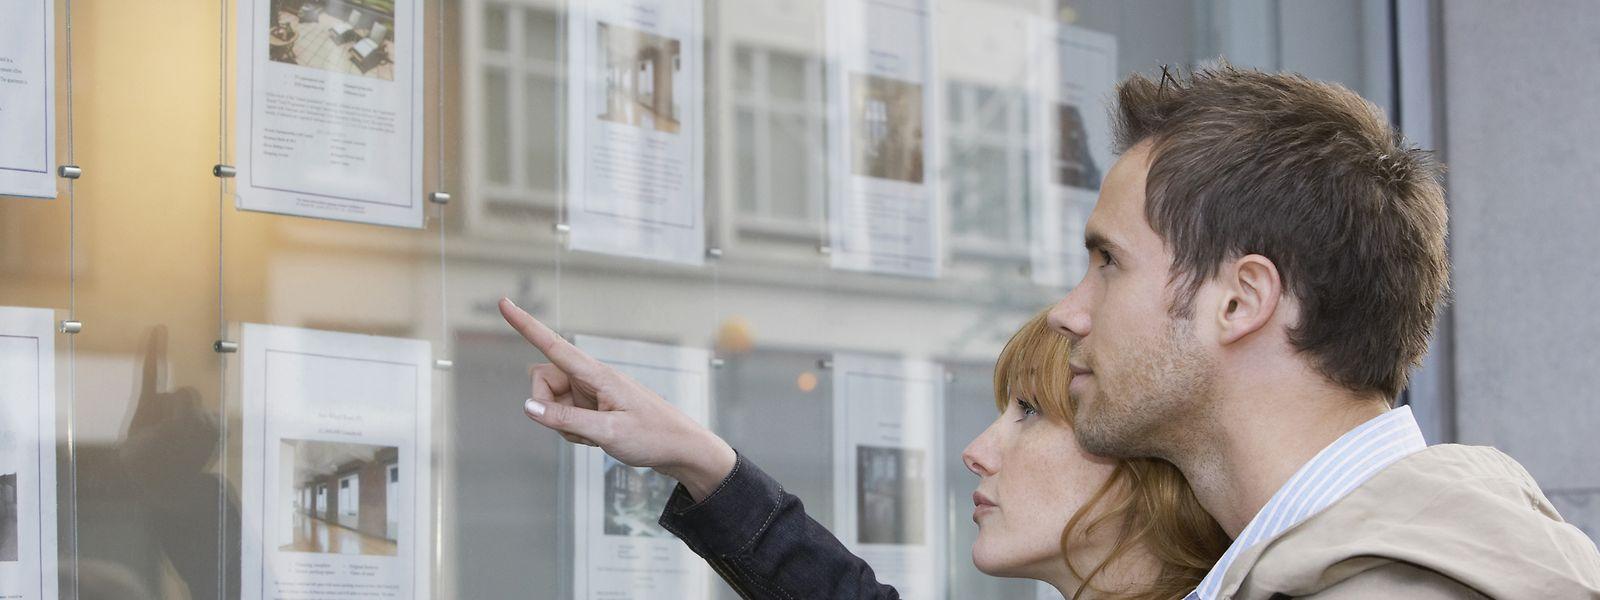 Haus oder Wohnung? Das Durchschnittsalter beim ersten Immobilienkauf liegt bei 31 Jahren.